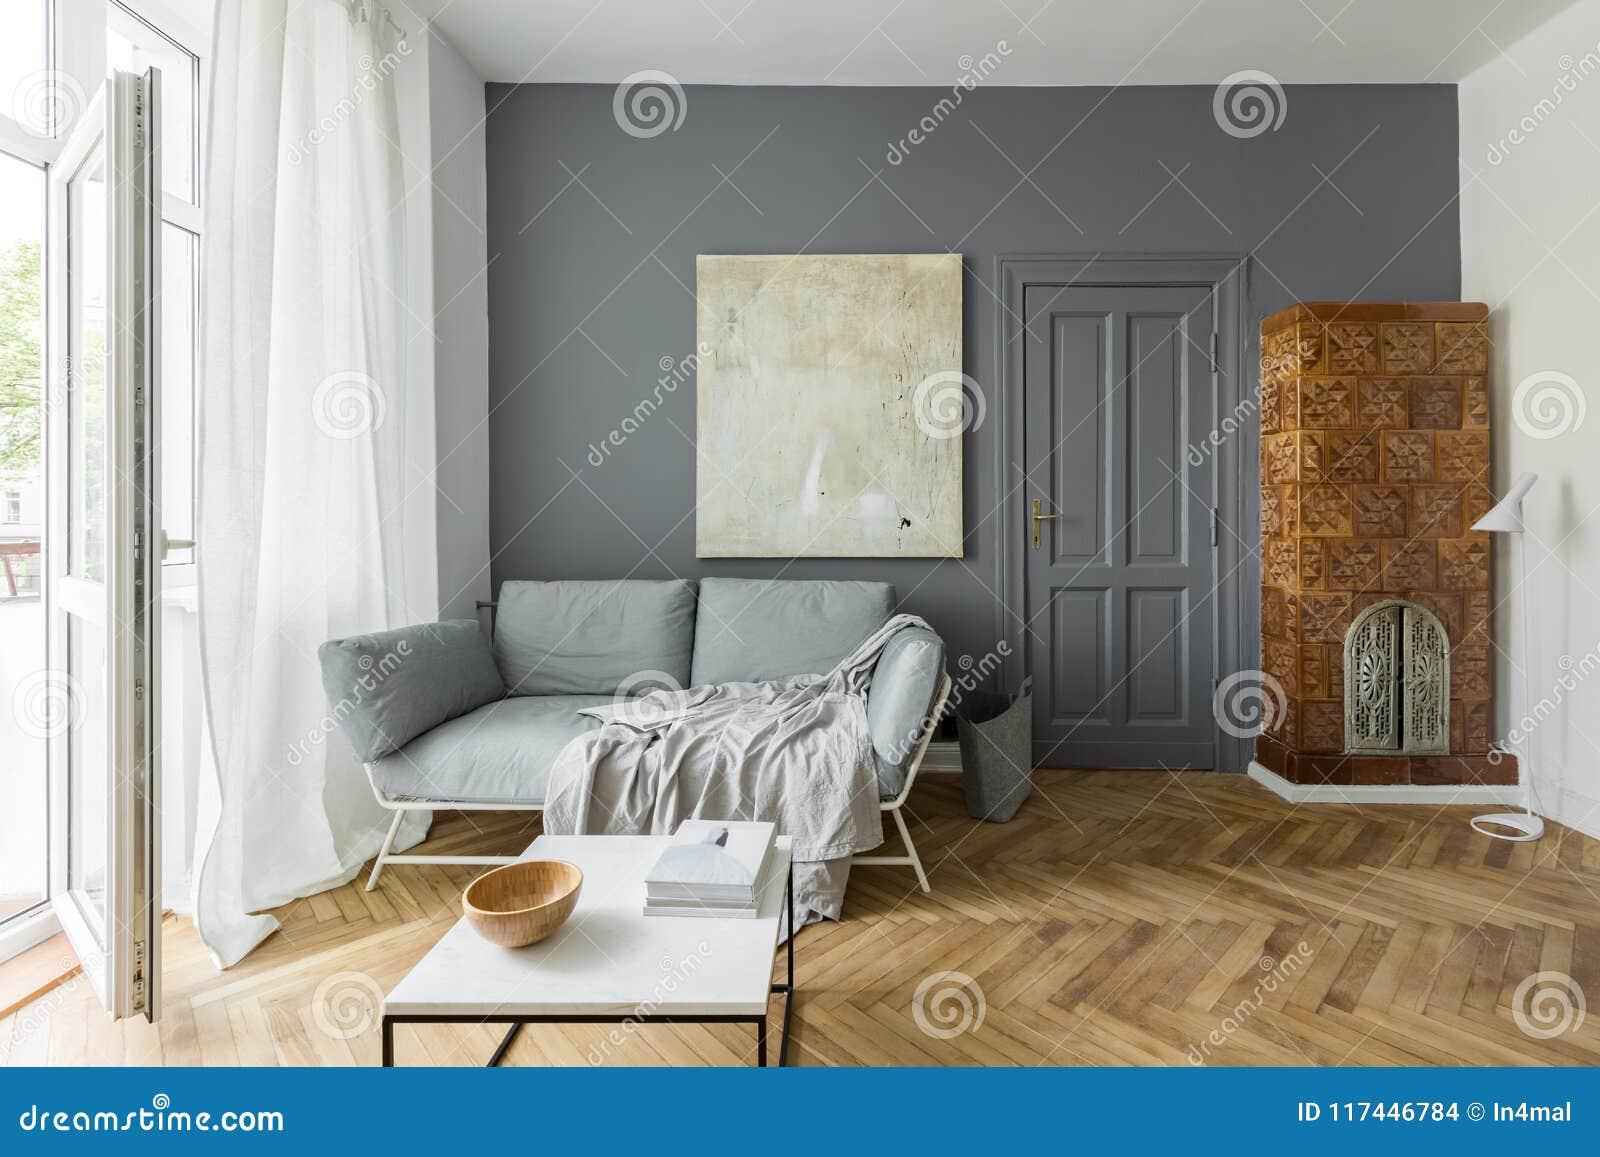 Живущая комната с изразцовой печью